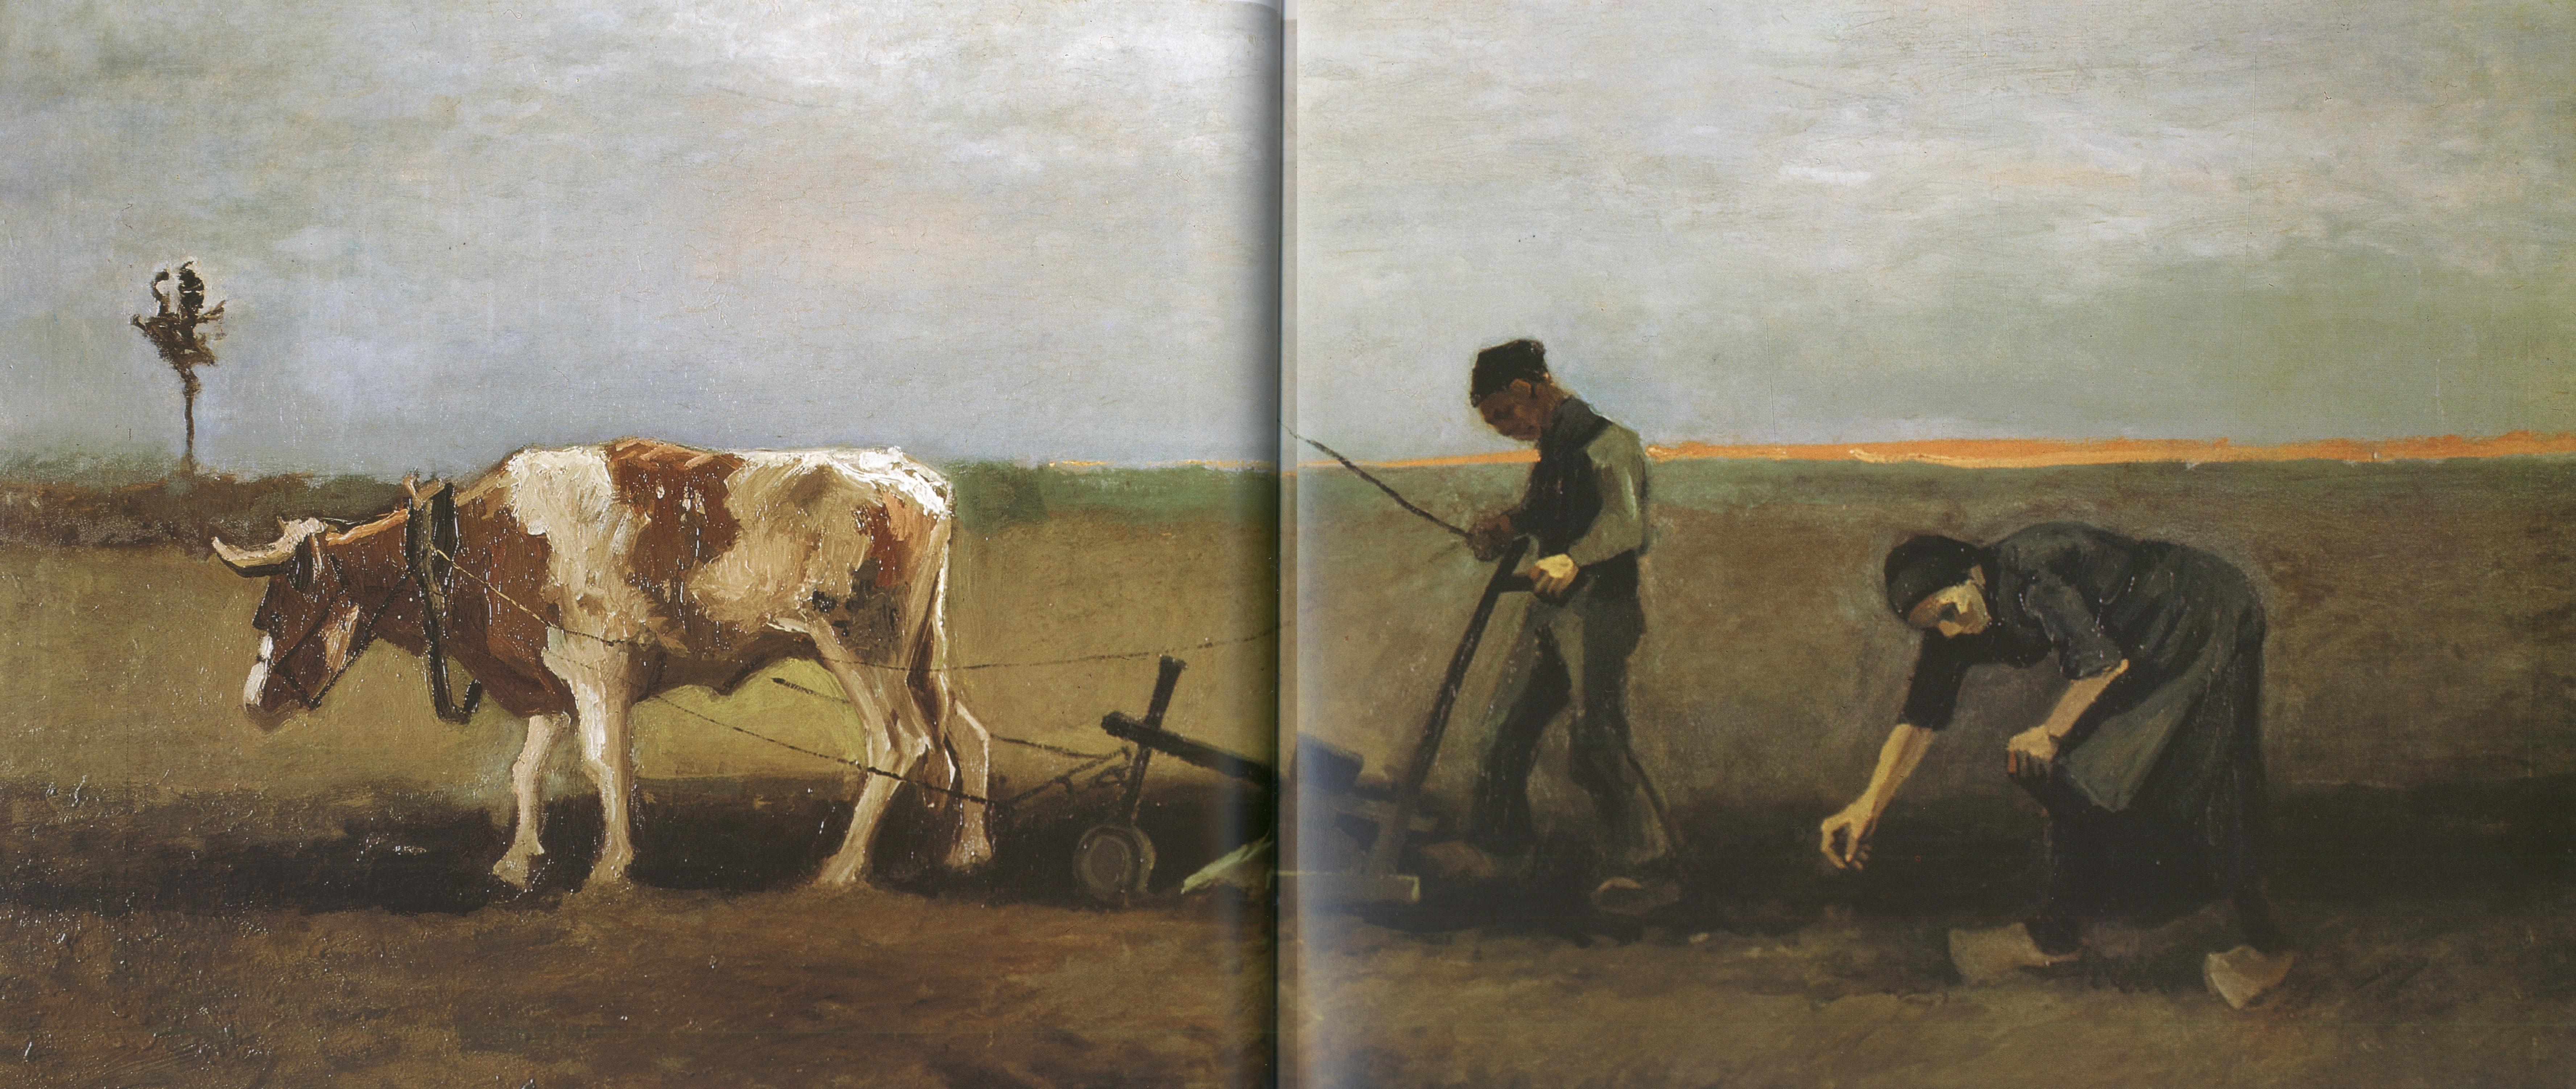 Vincent van Gogh Collection 800 Artworks • Image Album